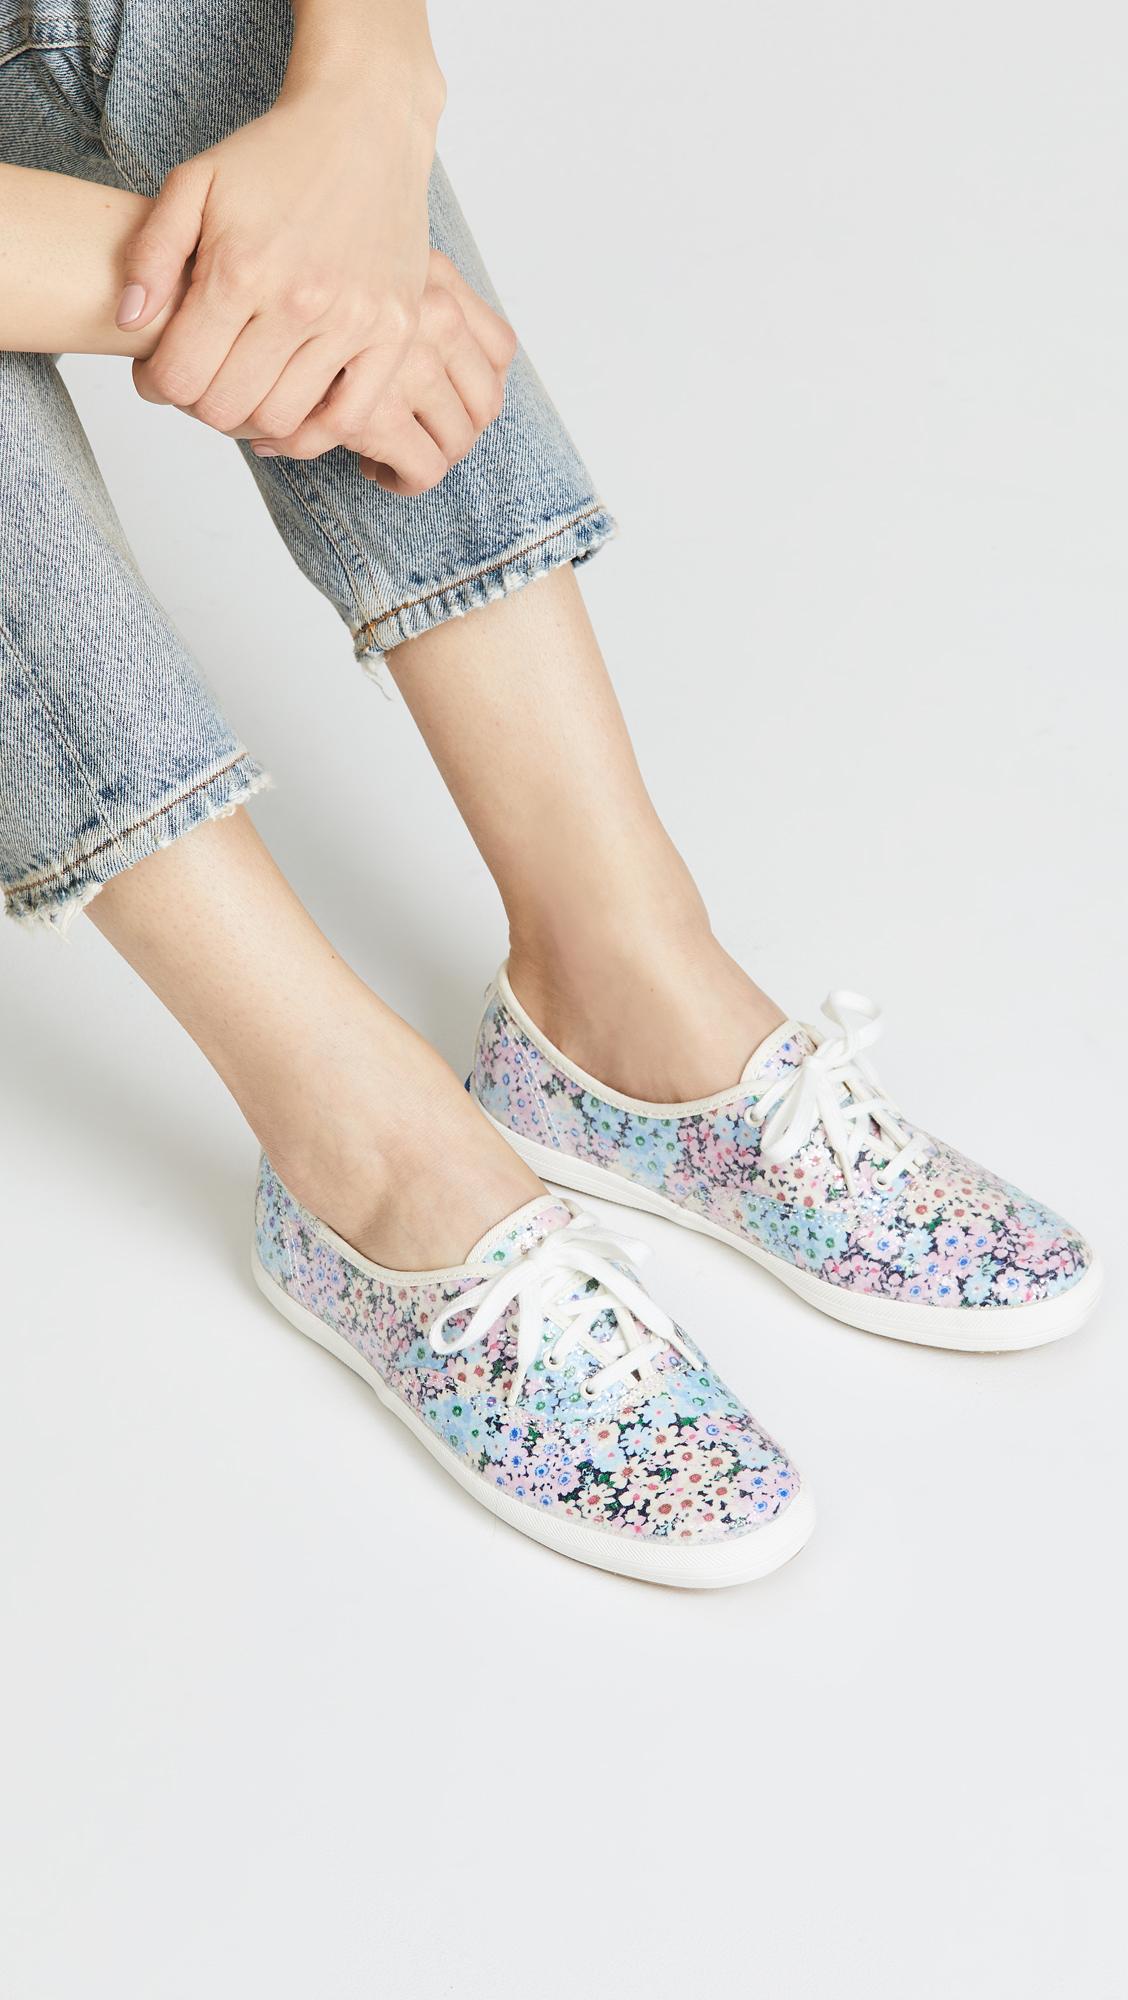 58dc7796cf8d Keds x Kate Spade Daisy Garden Glitter Sneakers